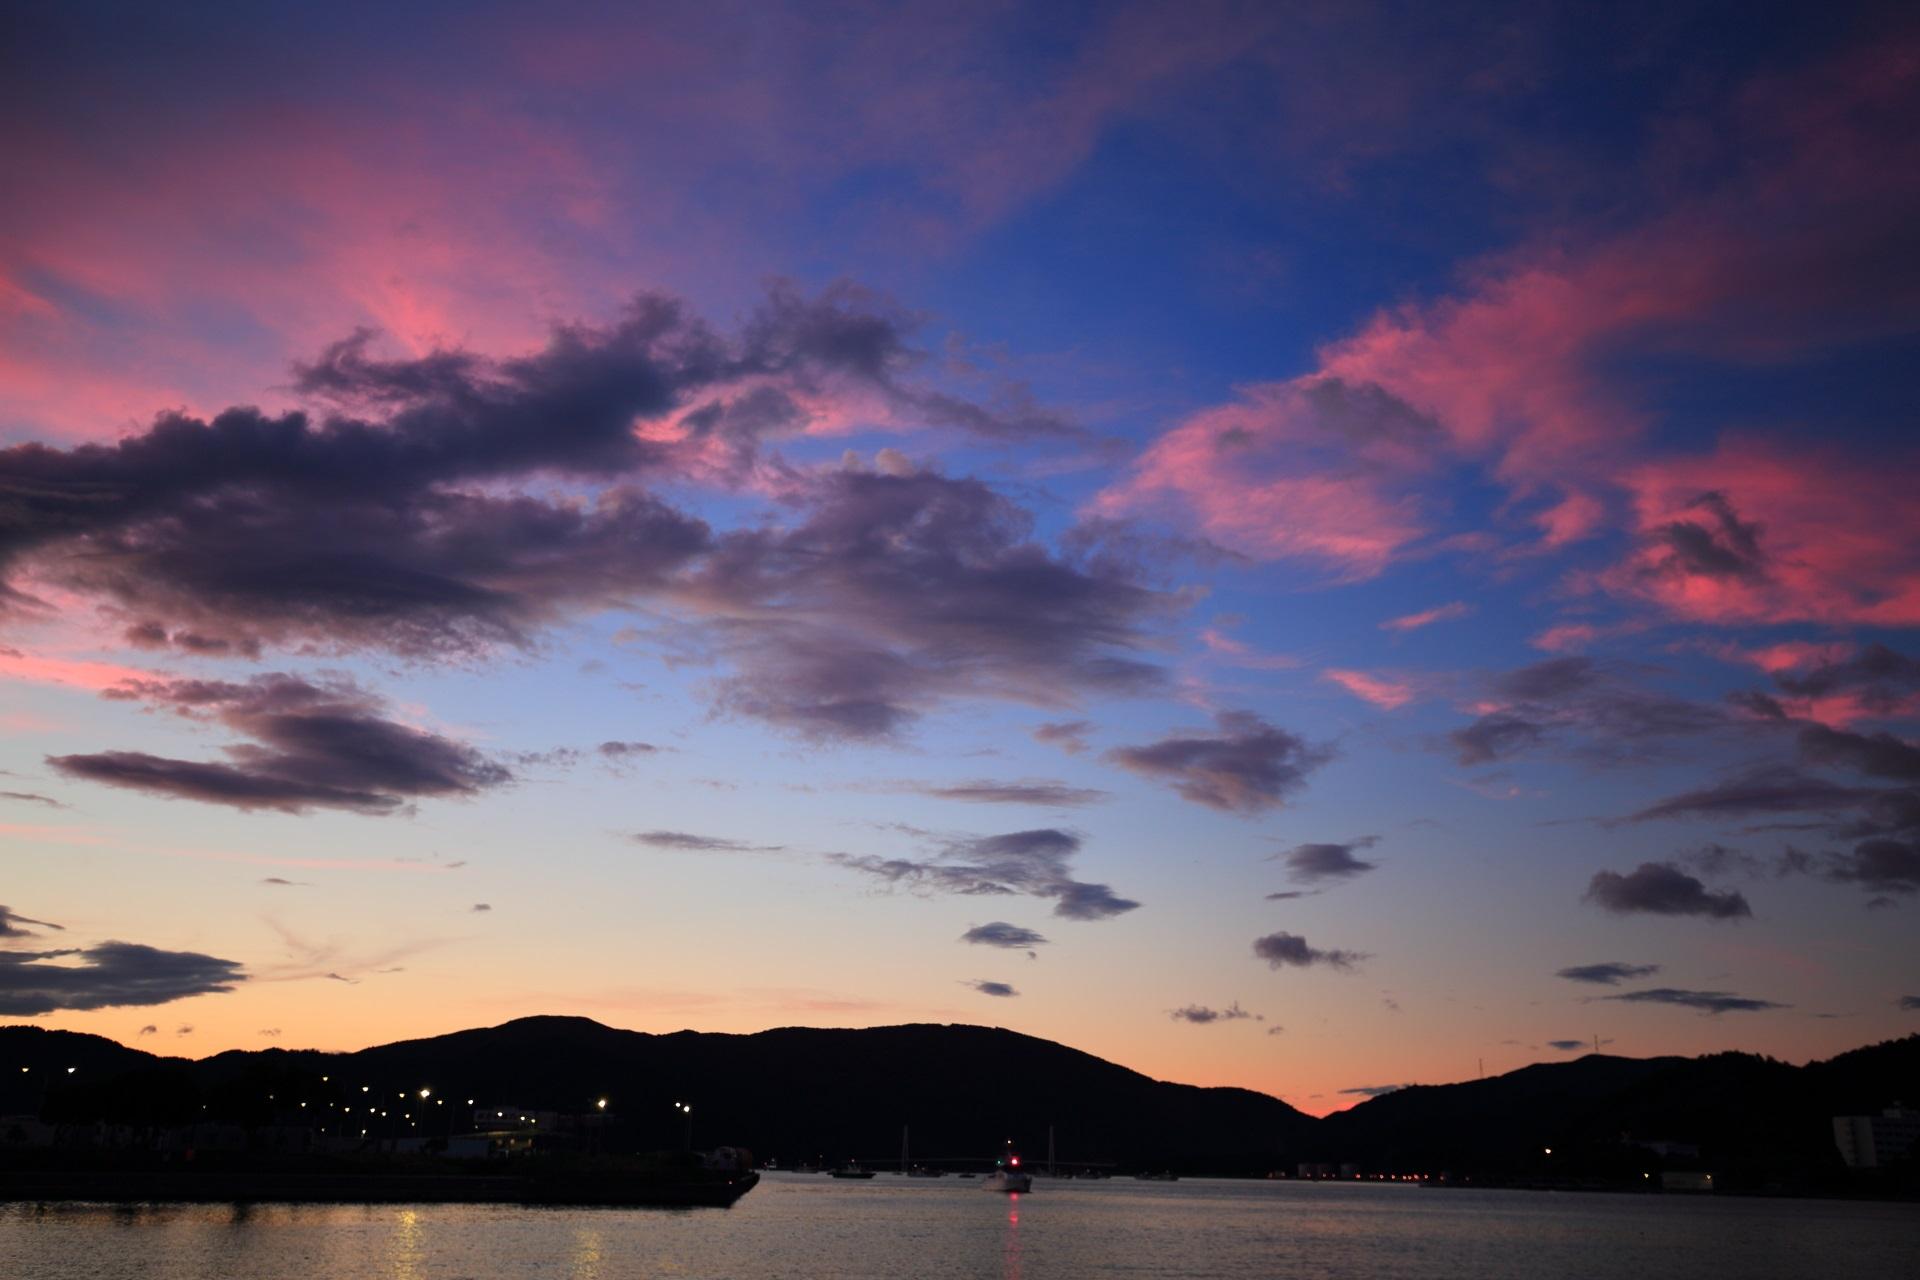 オレンジ色から淡いピンク色へと変化していく舞鶴湾の空と雲